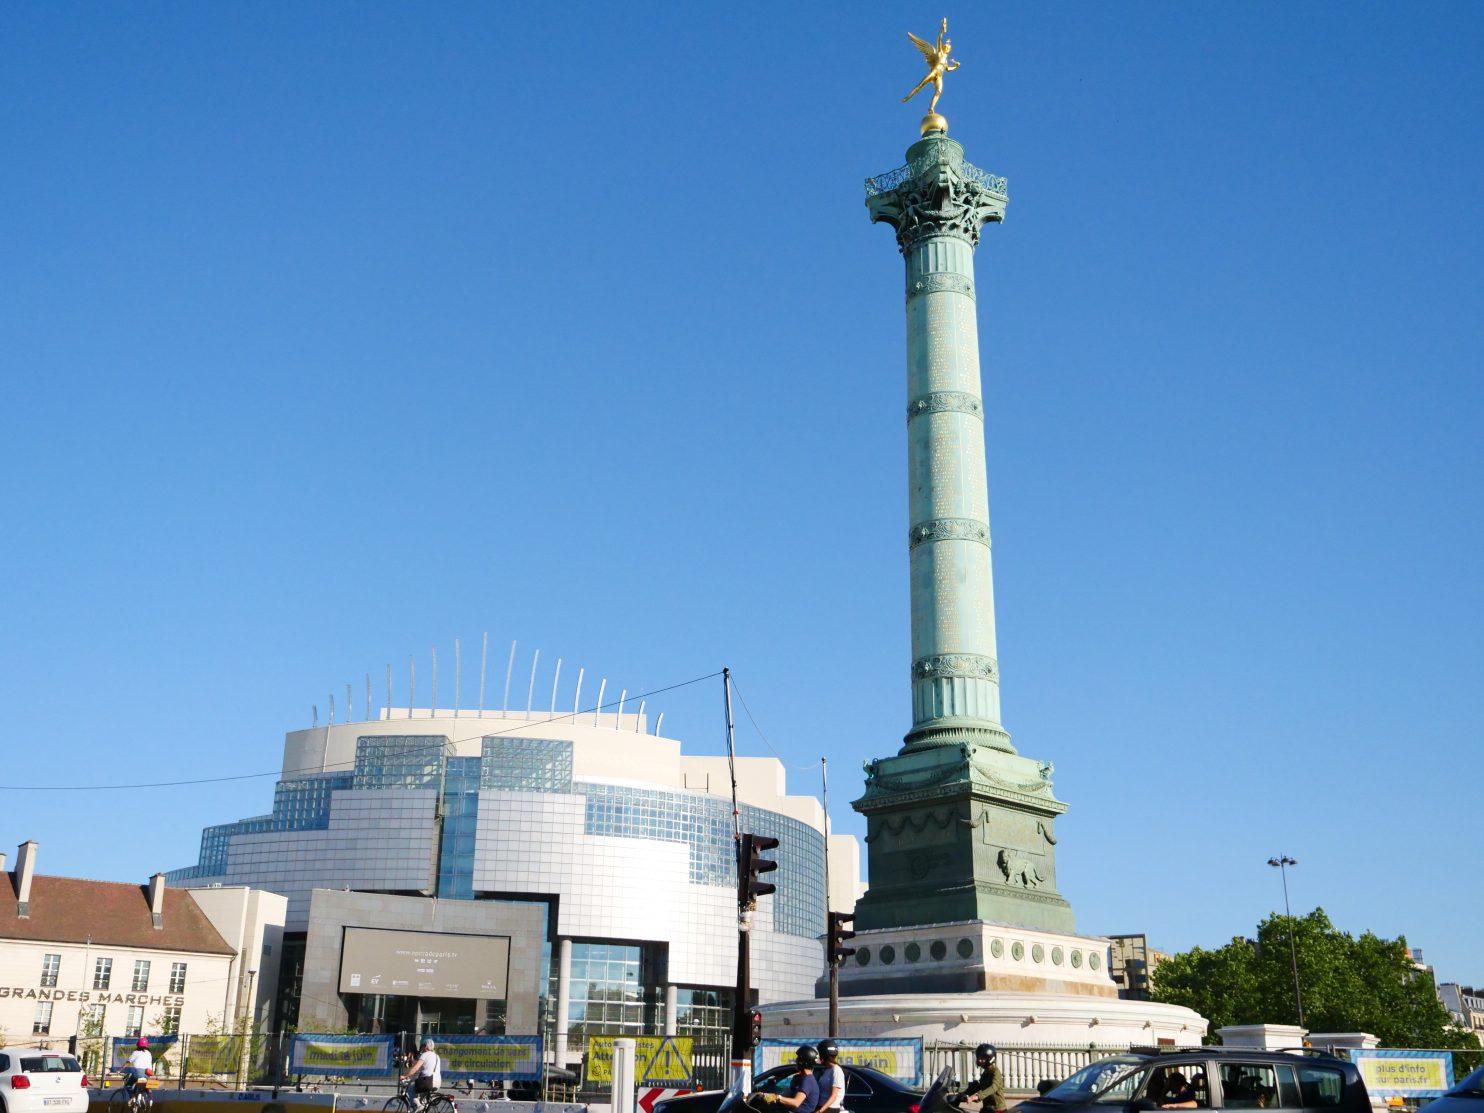 L'opéra Bastille et la colonne de Juillet sur la place de la Bastille dans le 11 ème